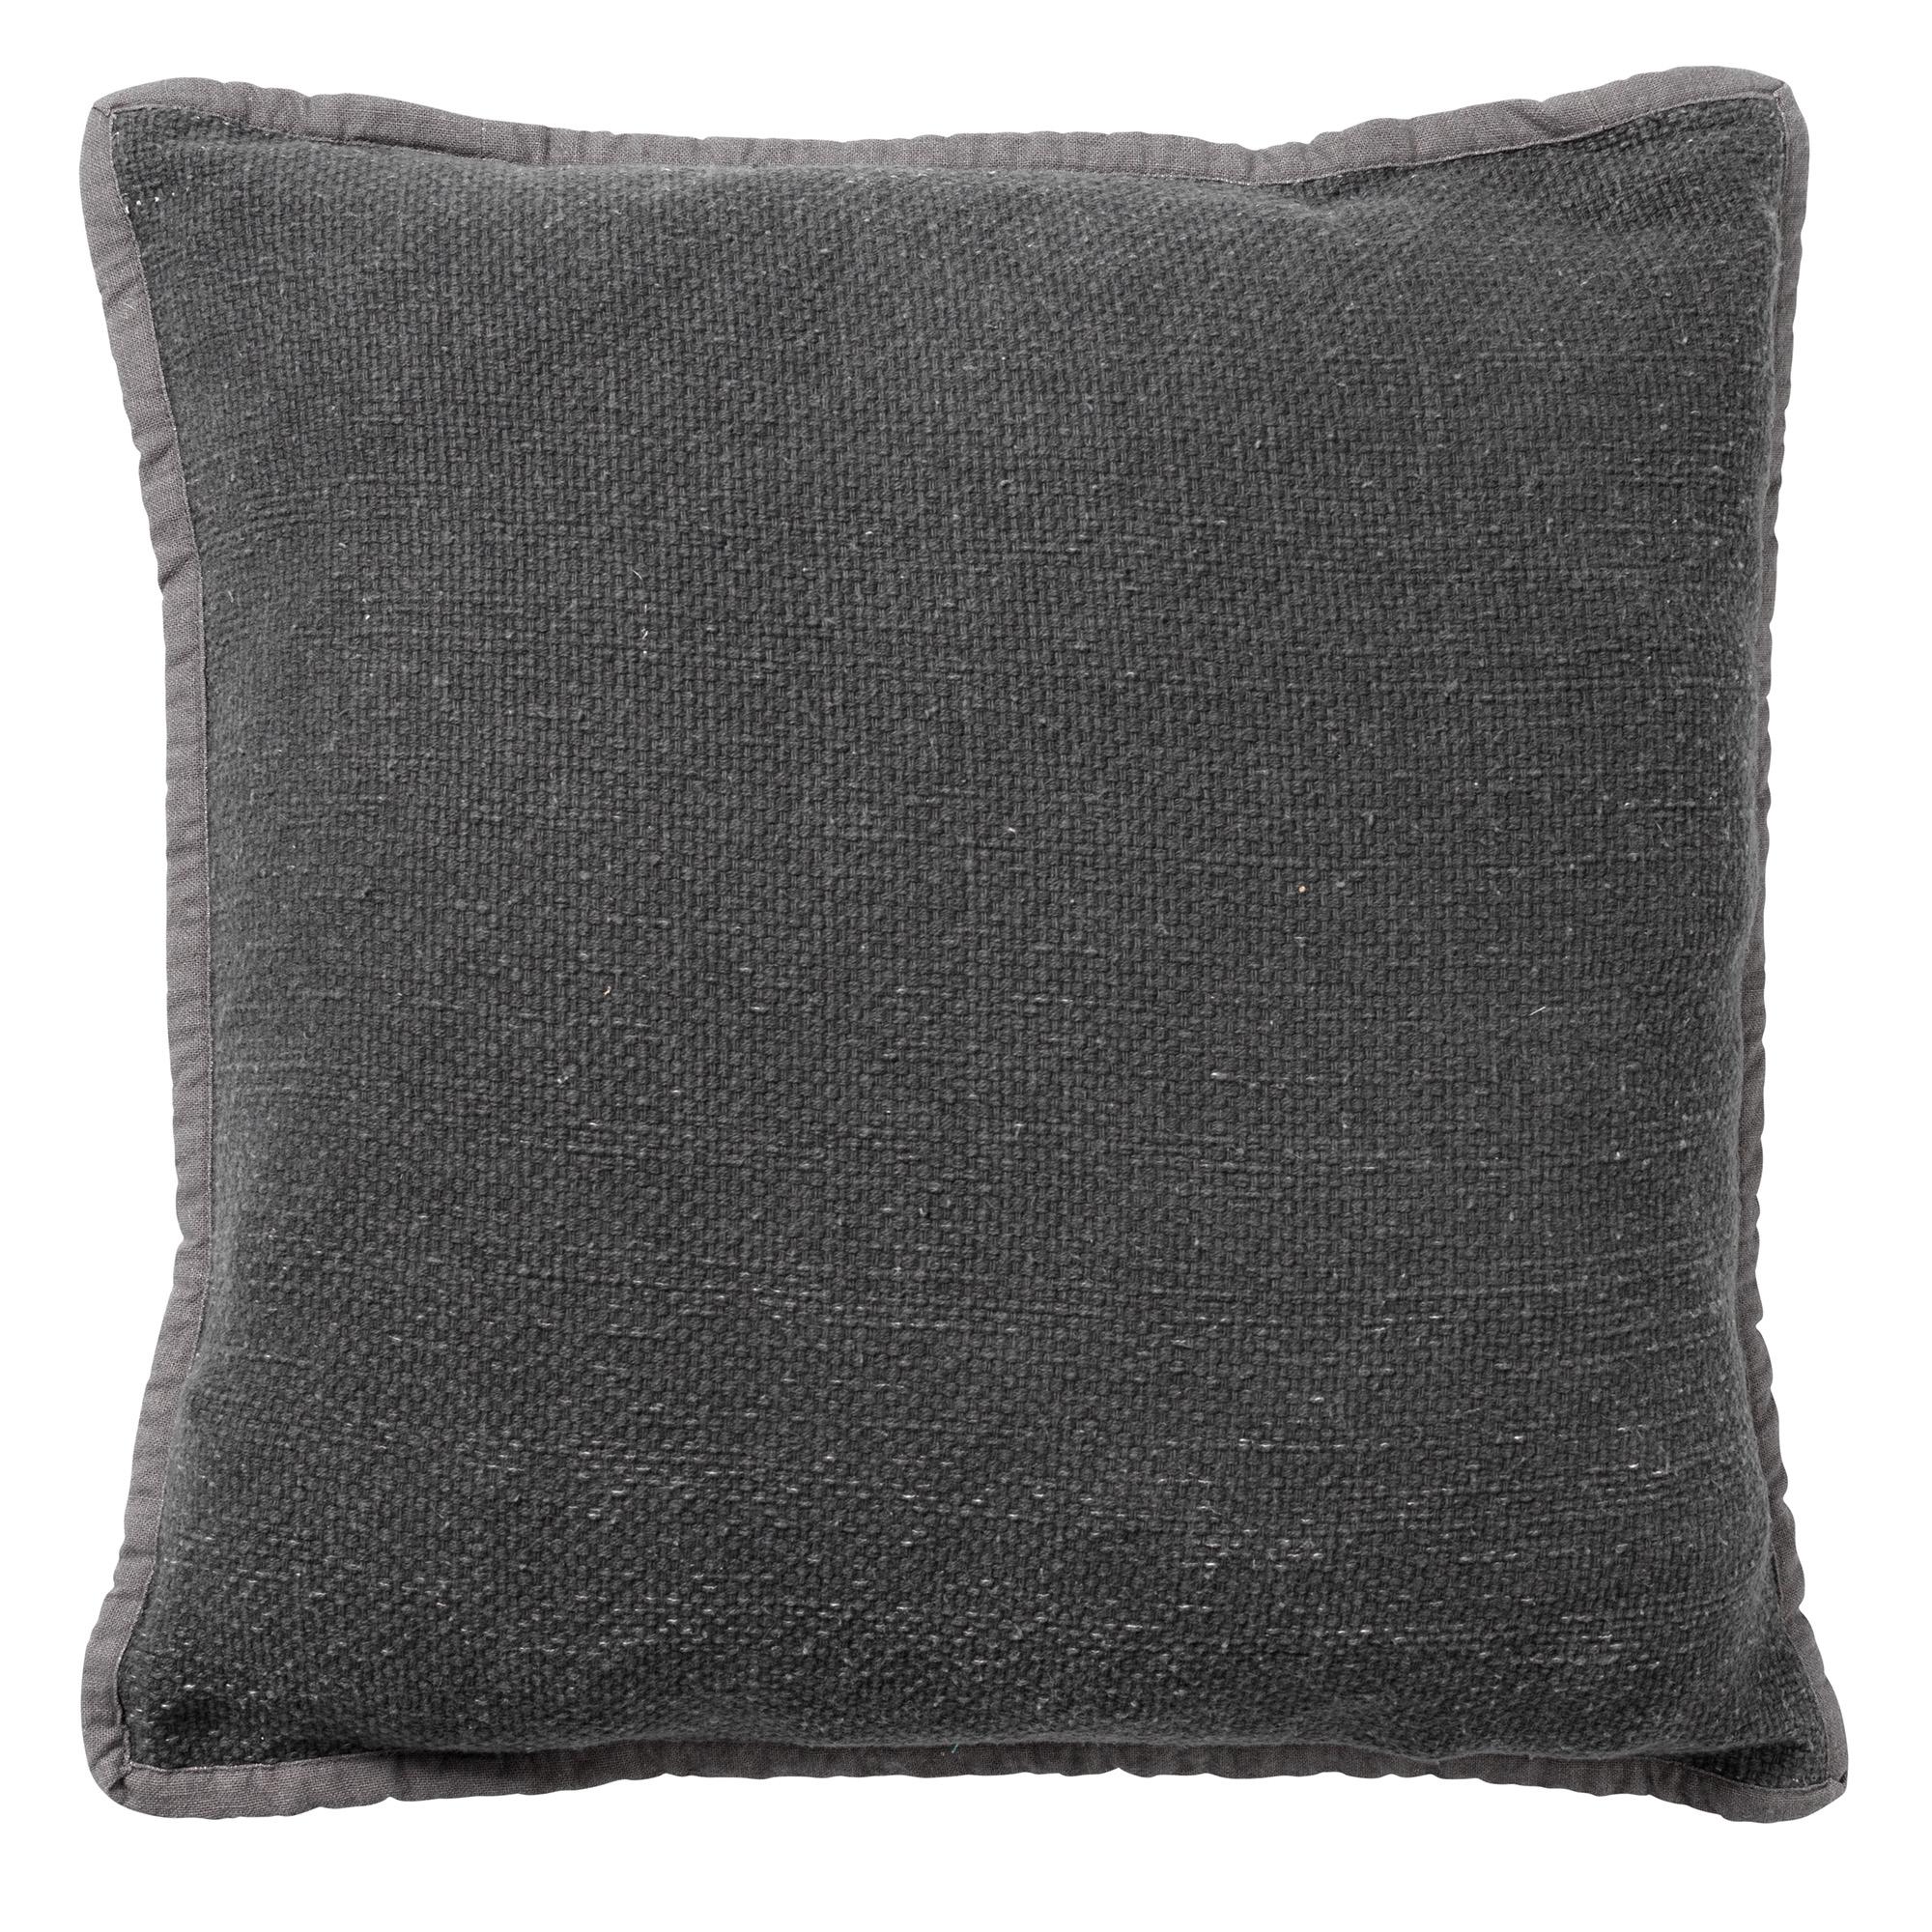 BOWIE - Sierkussen van katoen Charcoal Gray 45x45 cm